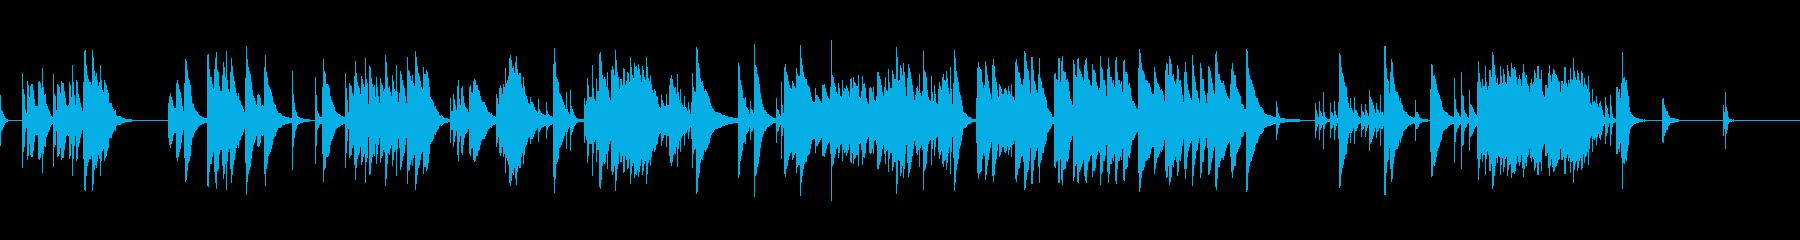 亜麻色の髪の乙女・オルゴ-ルの再生済みの波形